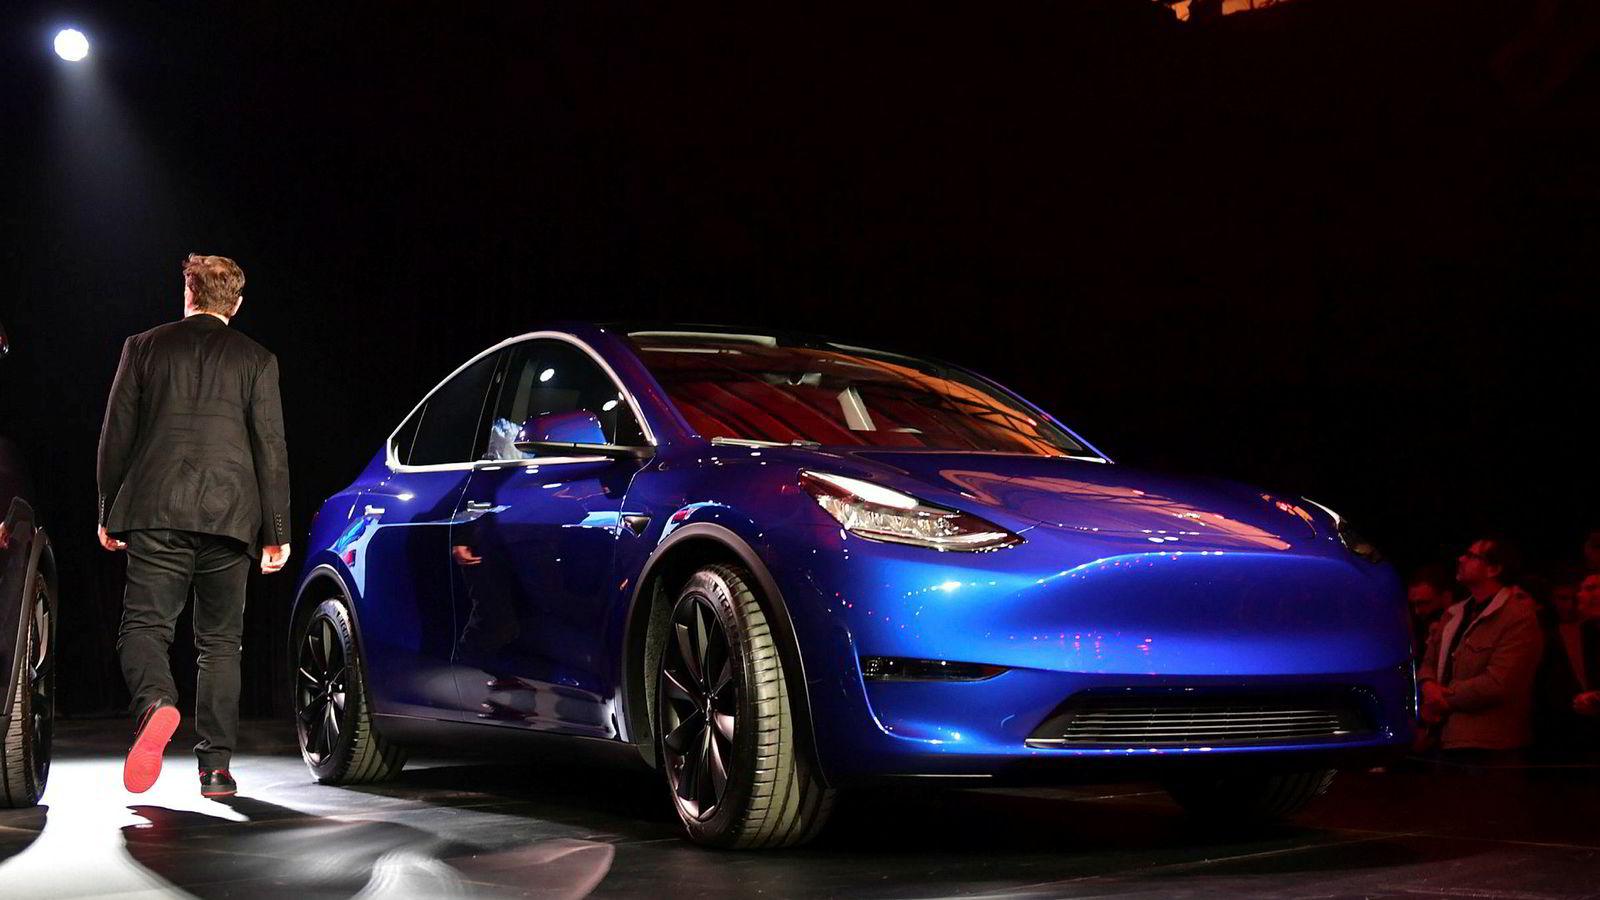 Tesla-grunnlegger Elon Musk lanserte Tesla Model Y i natt. Bestillinger starter umiddelbart. Levering skjer først i 2021.